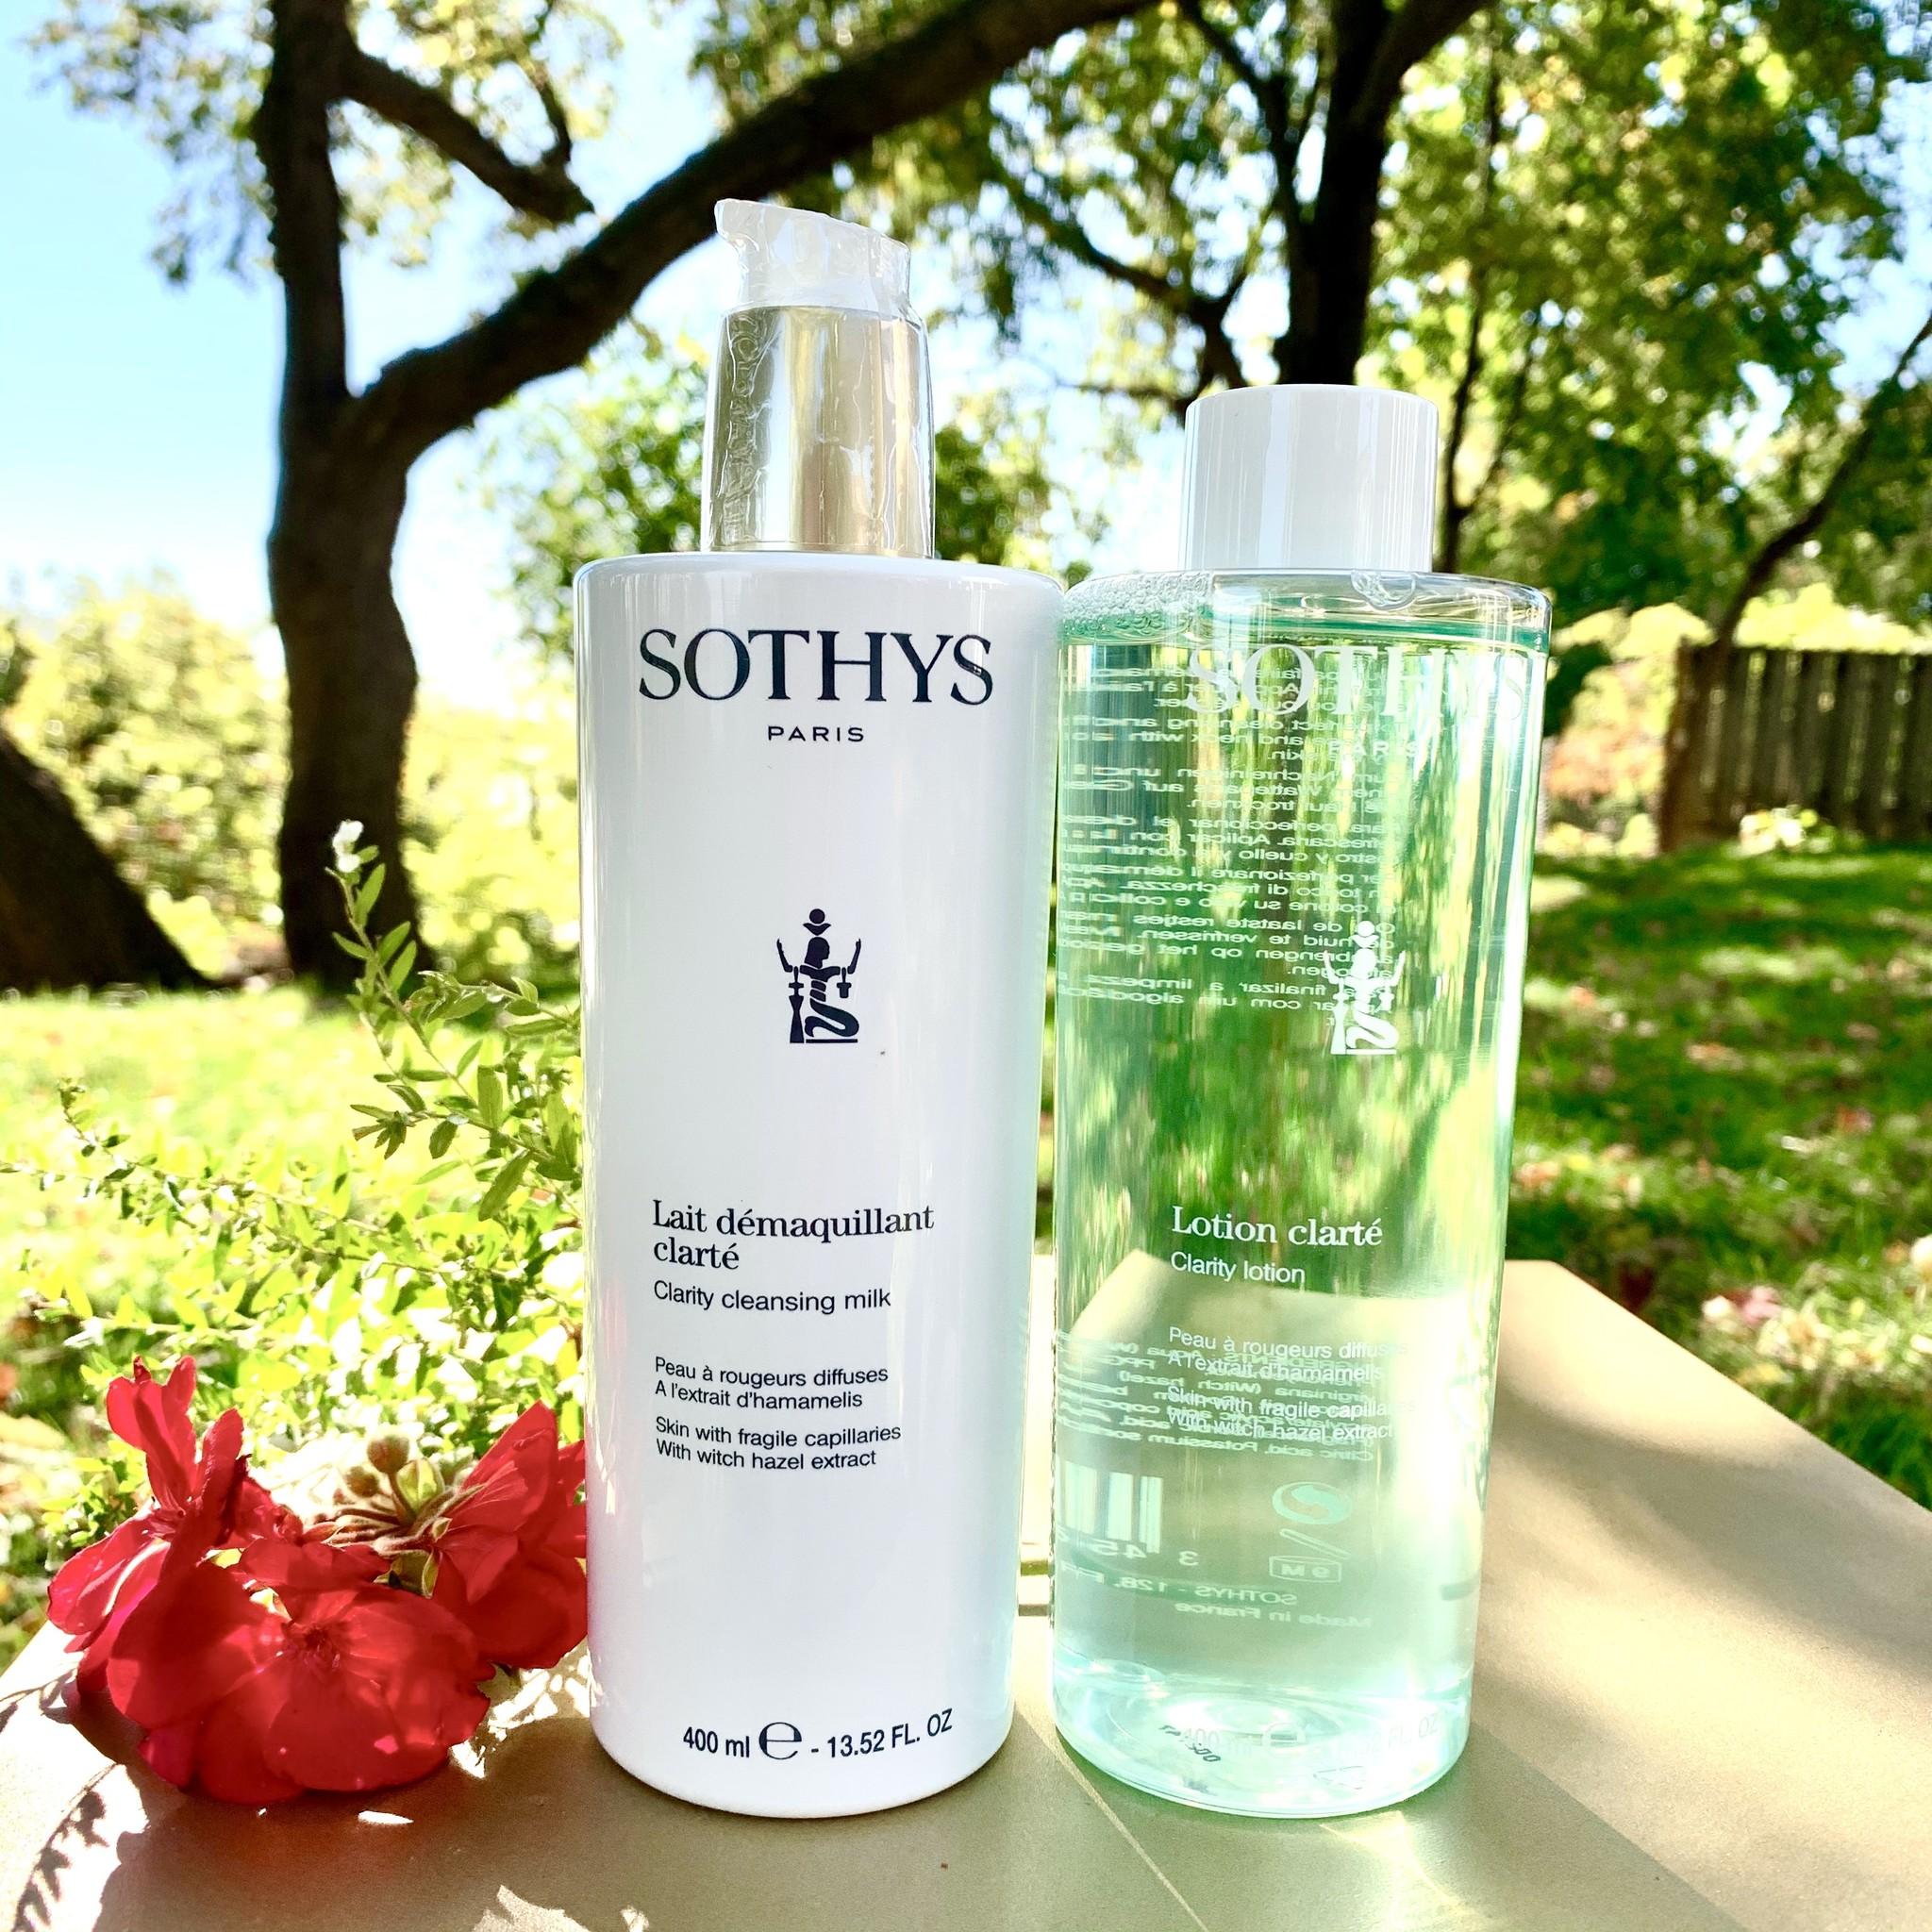 Sothys Duo lait démaquillant + lotion clarté 400ml